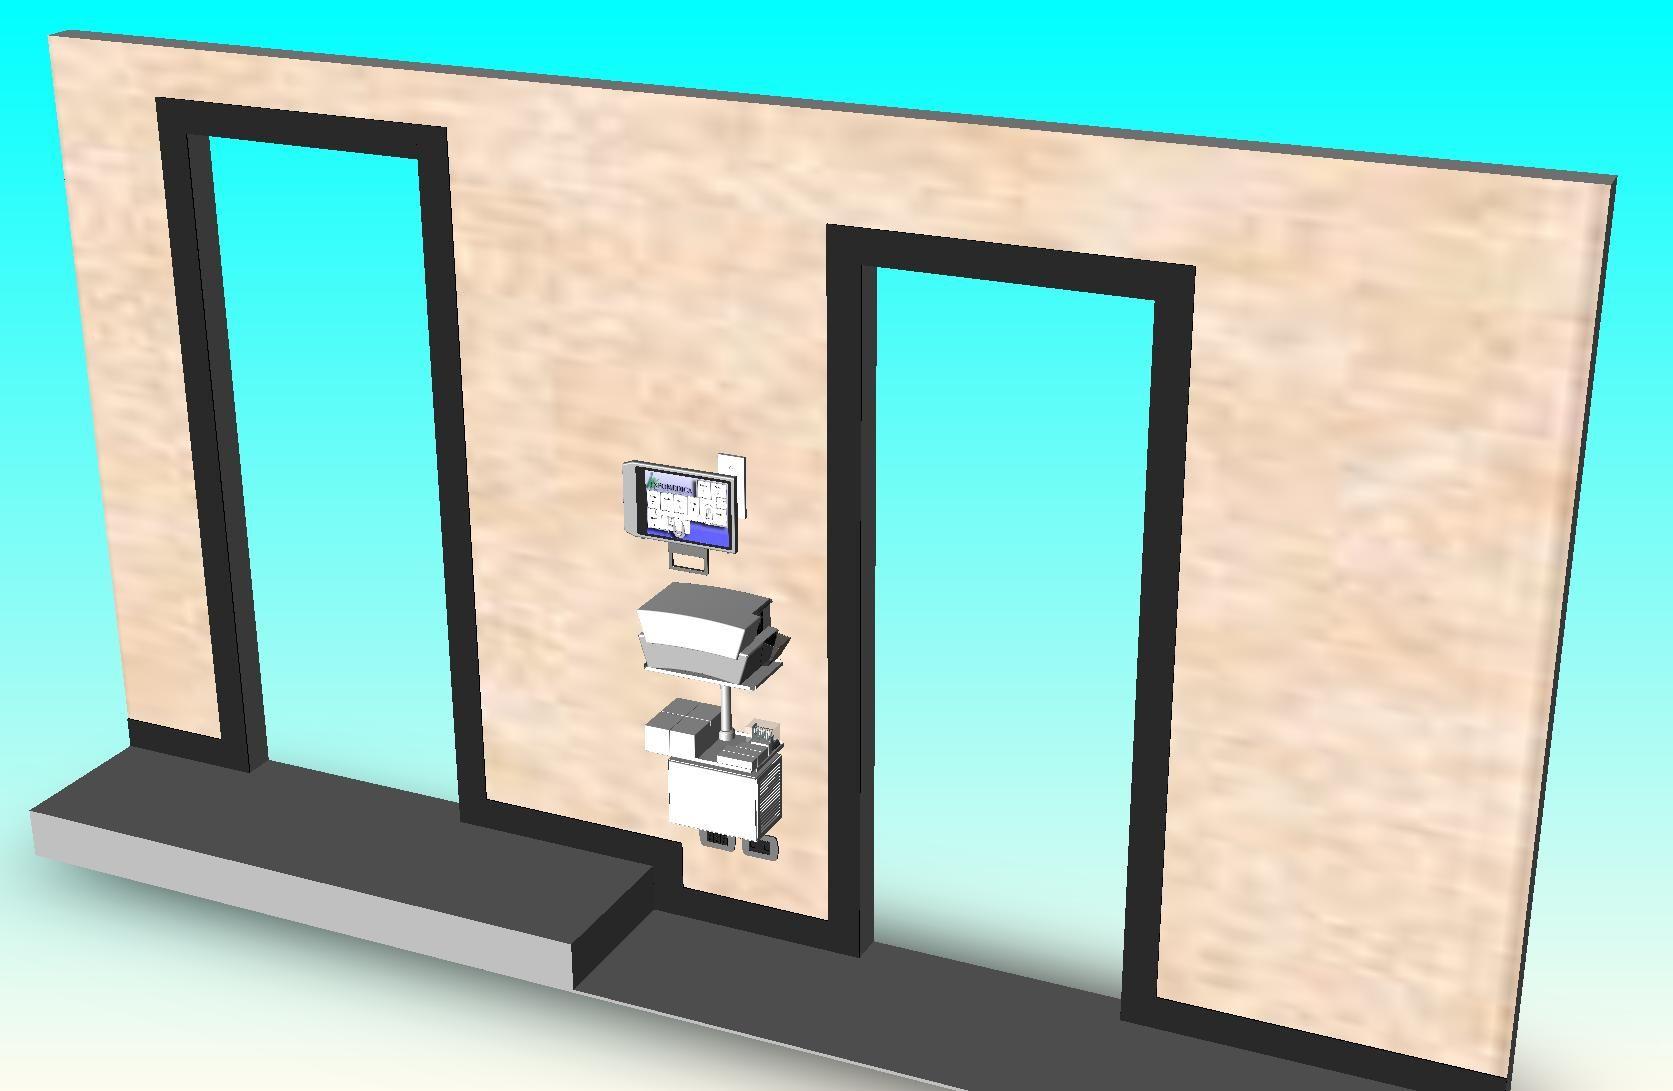 Digora (www.digora.it) installed with Ergolinea (www.ergolinea.it)